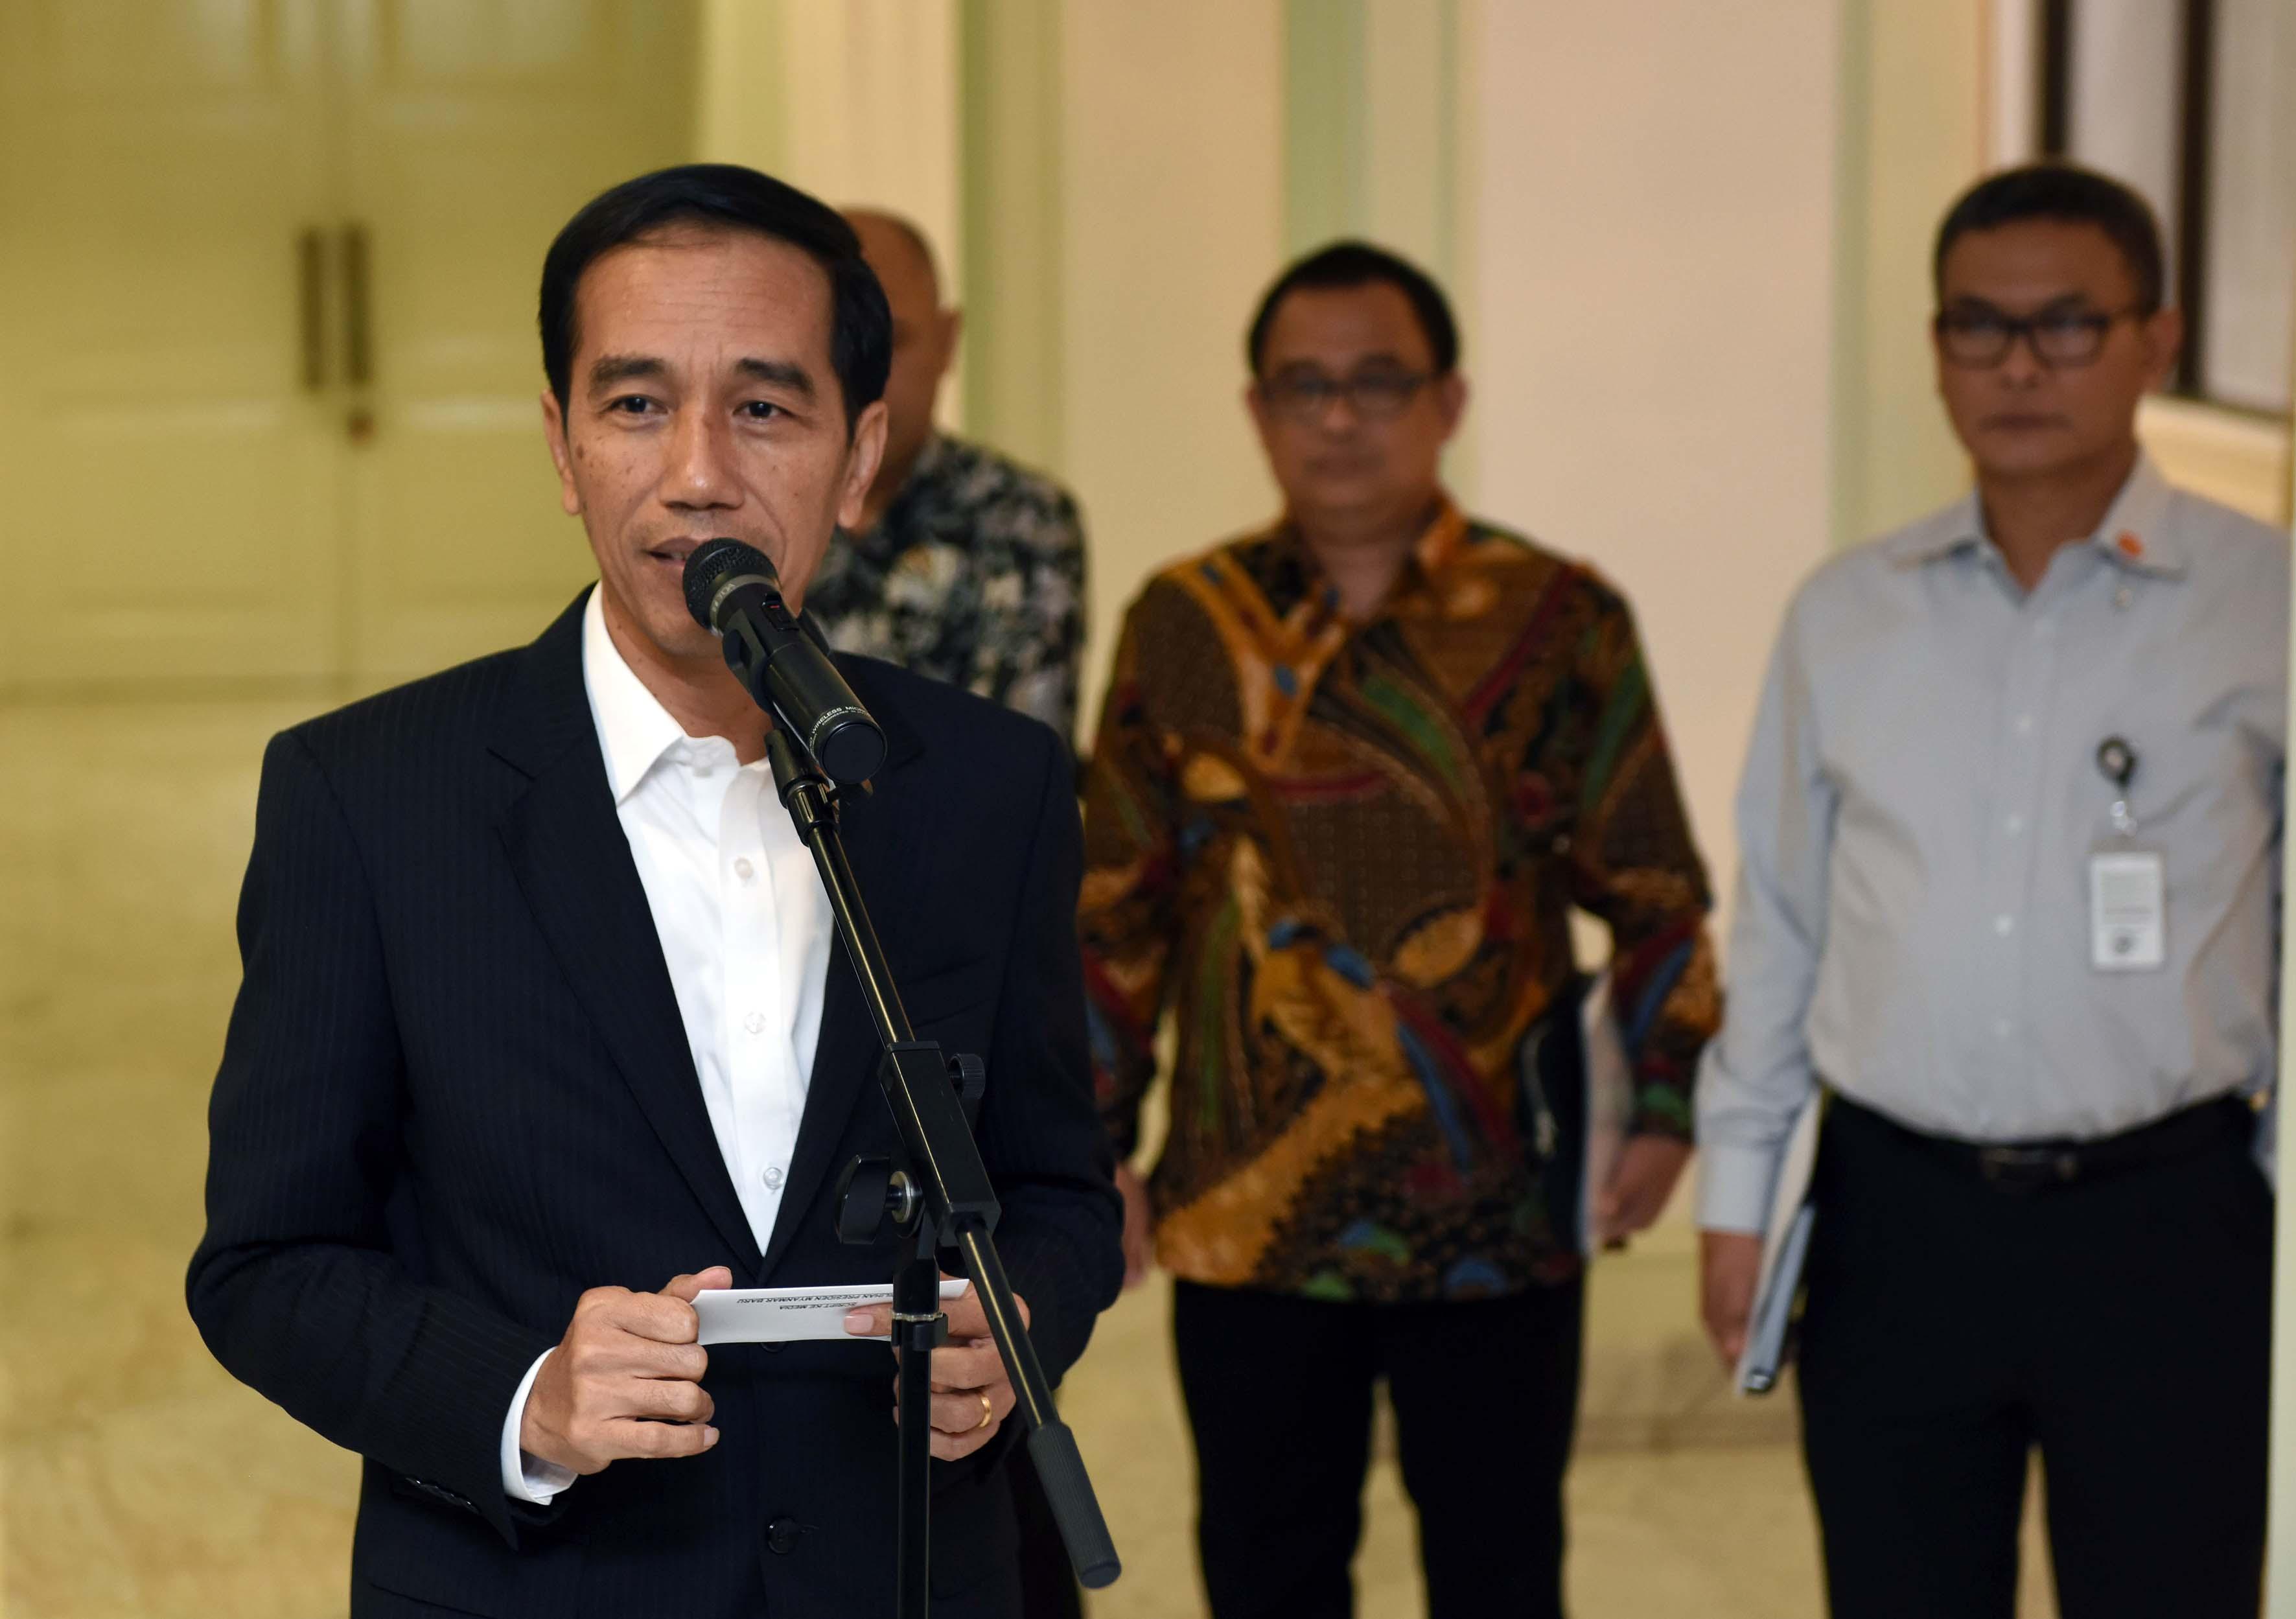 Jokowi : Bila Kita Bersandar pada Al Quran, Insya Allah Indonesia Jadi Lebih Baik